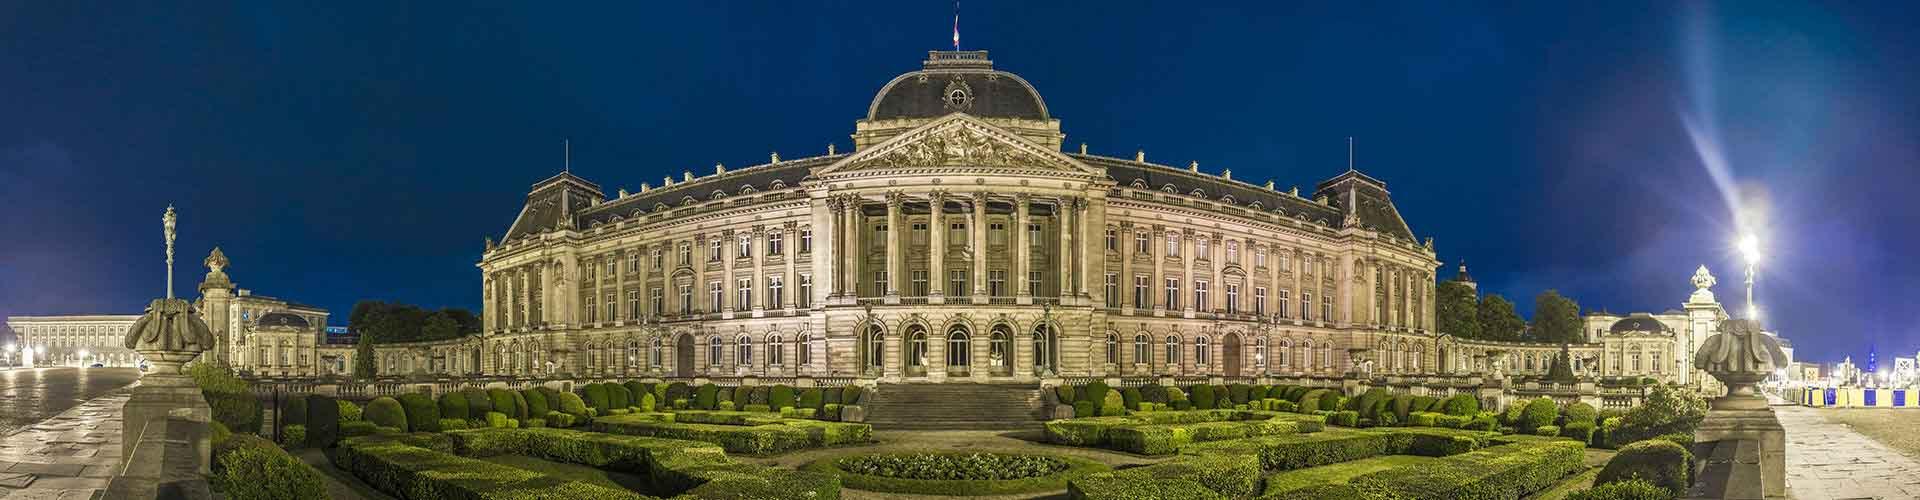 Brüssel - Hotel in Brüssel. Karten für Brüssel. Fotos und Bewertungen für jedes Hotel in Brüssel.